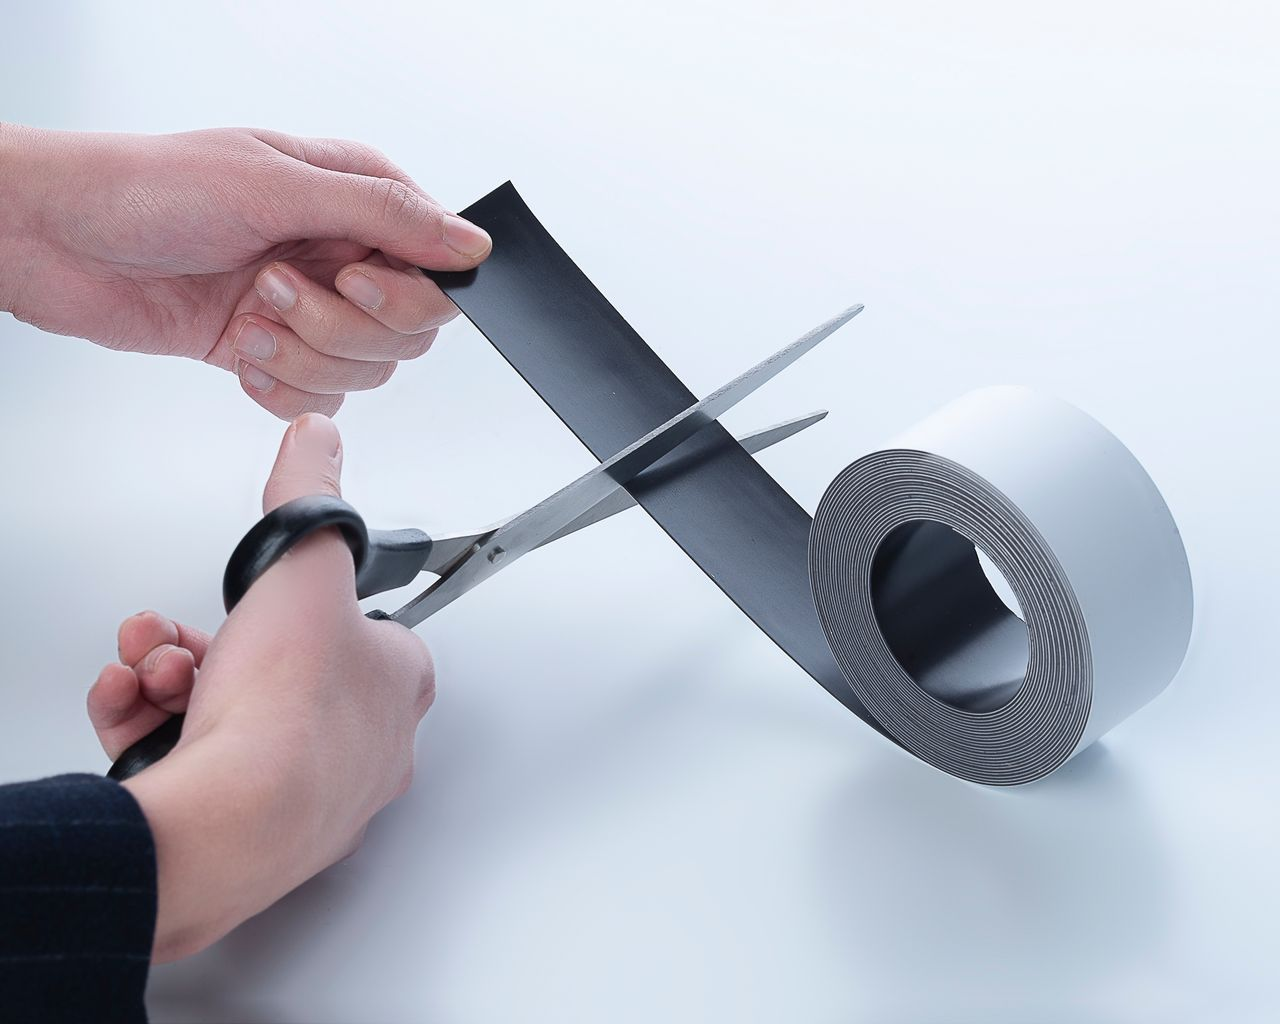 Magnetic tapes for labeling, thyssenkrupp Magnettechnik